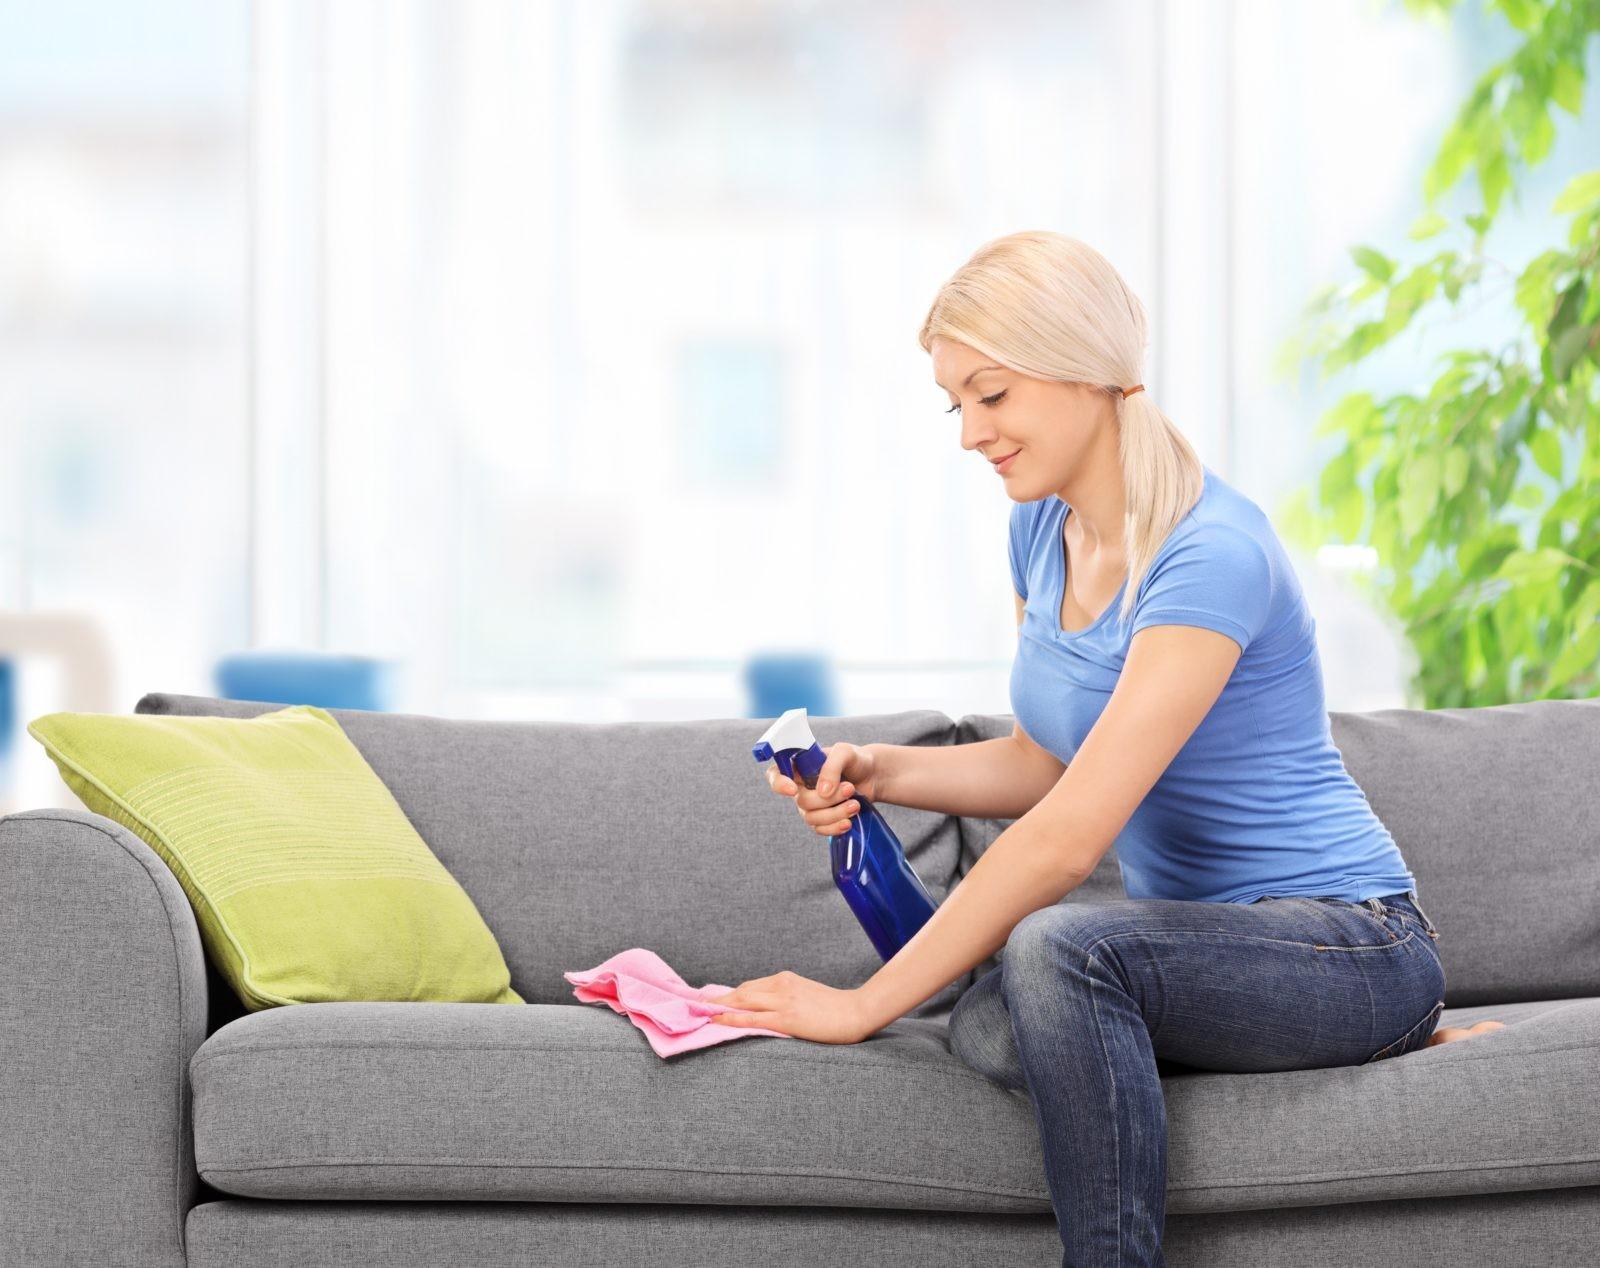 Лучшие способы очистки мягкой мебели от загрязнений_1